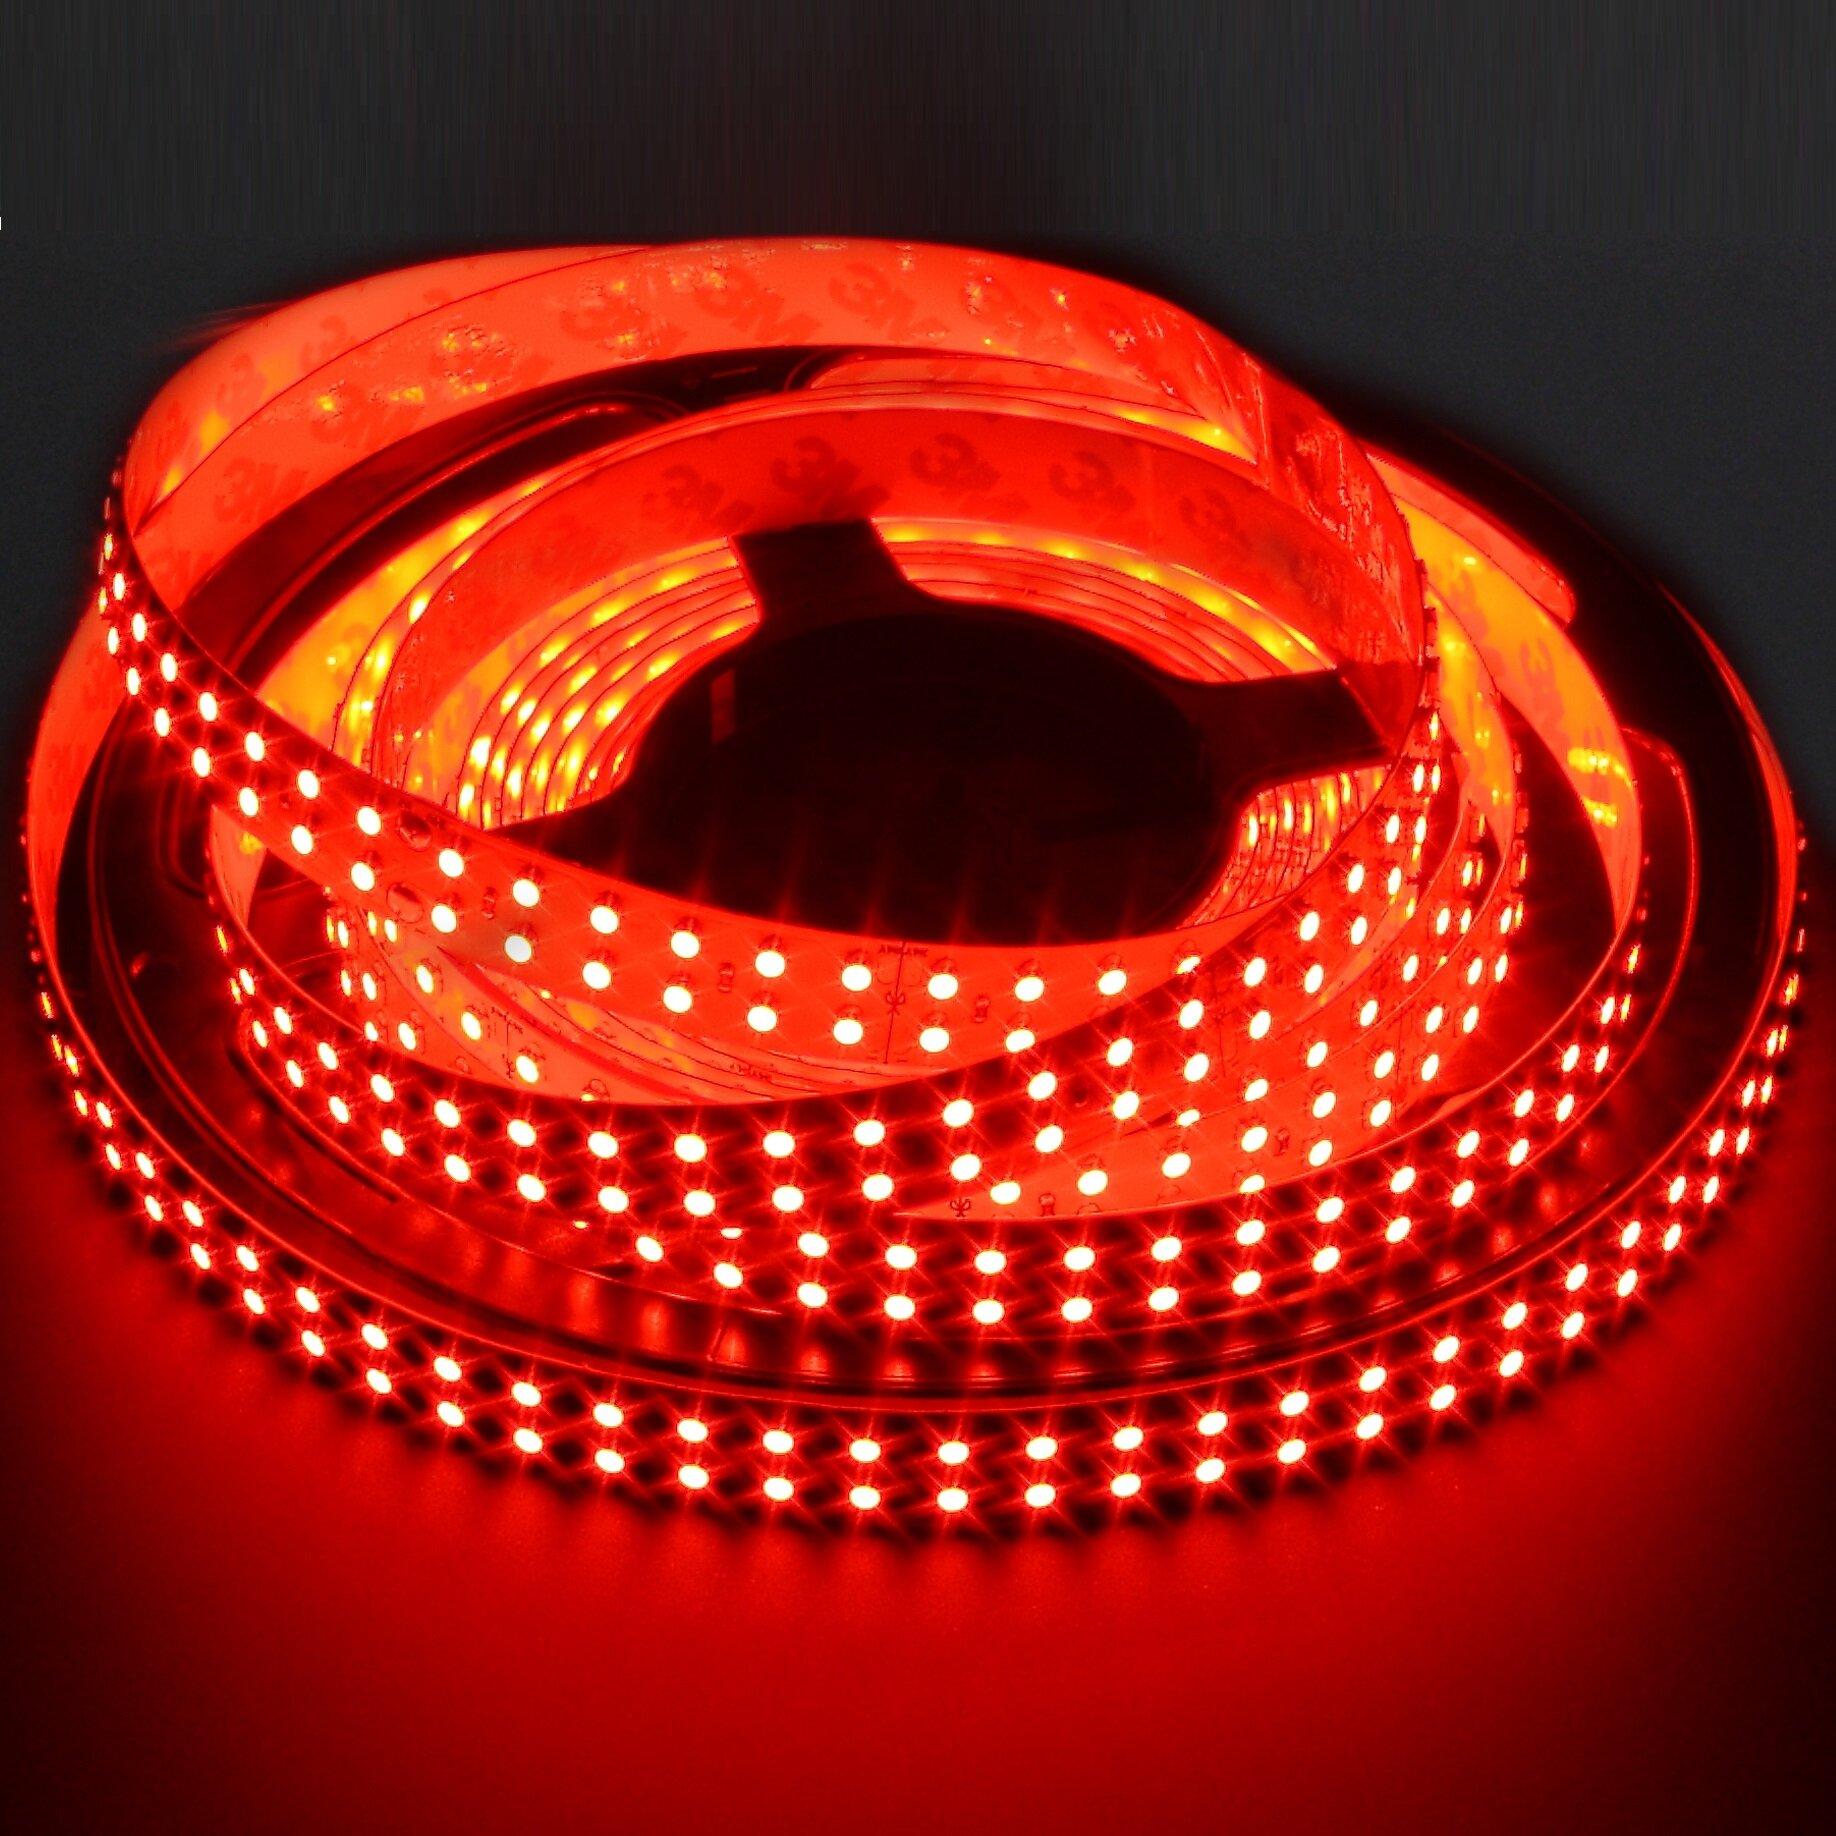 Светодиодная лента SmartLight 24V IP20 SMD5050 28.8 Вт/м, 120 диодов на 1 метр, ширина 16 мм, цвет красный. Минимальный заказ от 5 м.п., LS2806-143